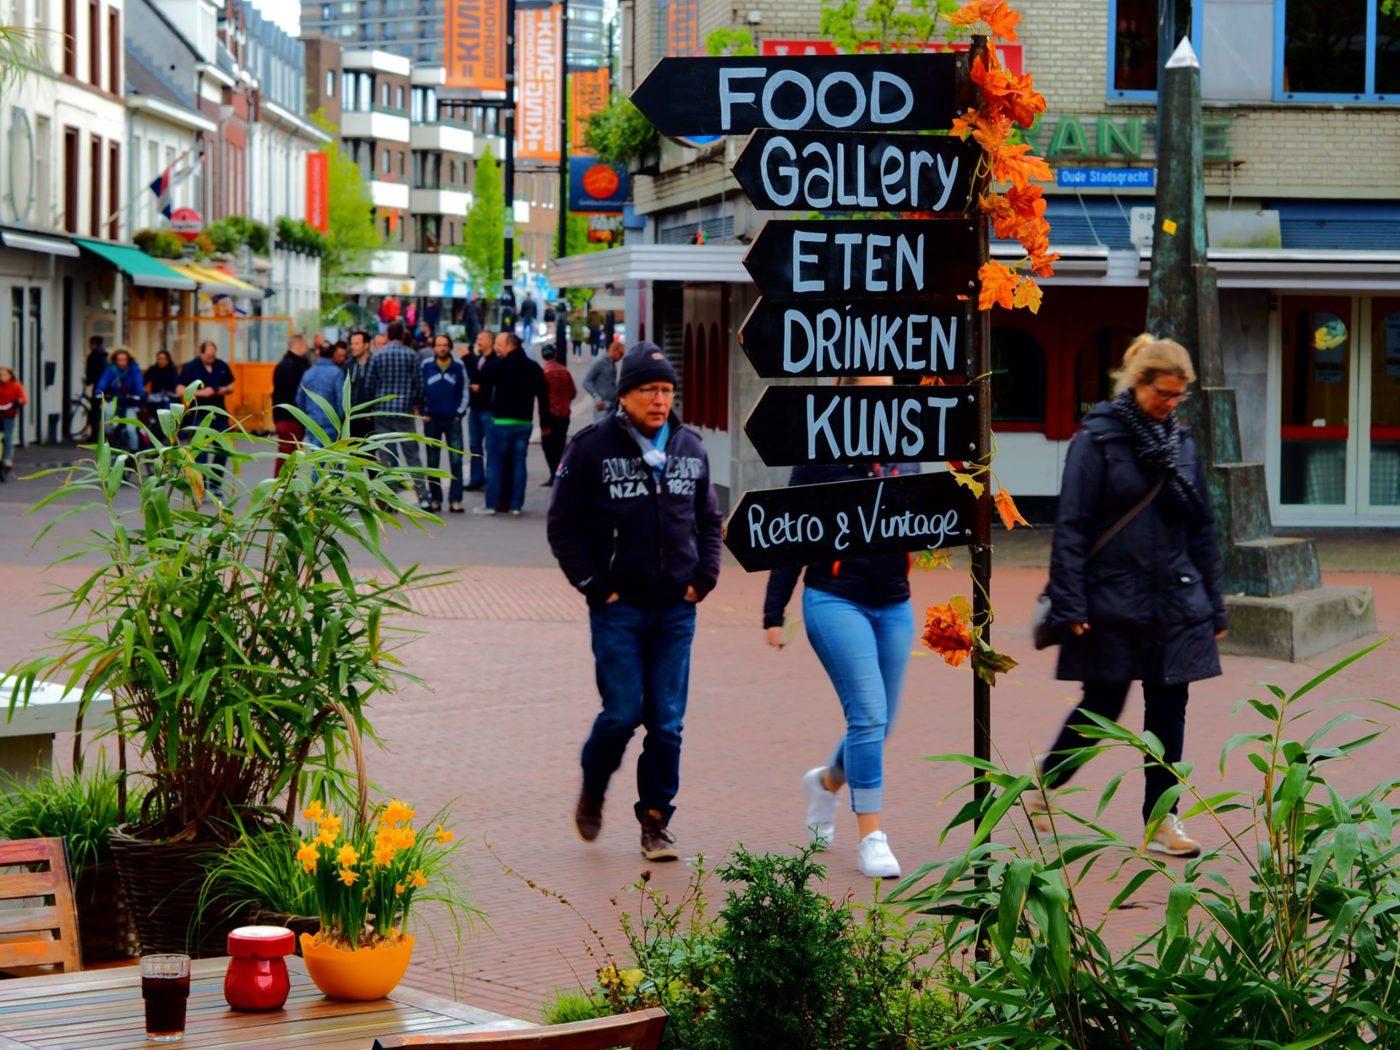 FoodGallery: een mix van kunst, vintage, lunch en diner